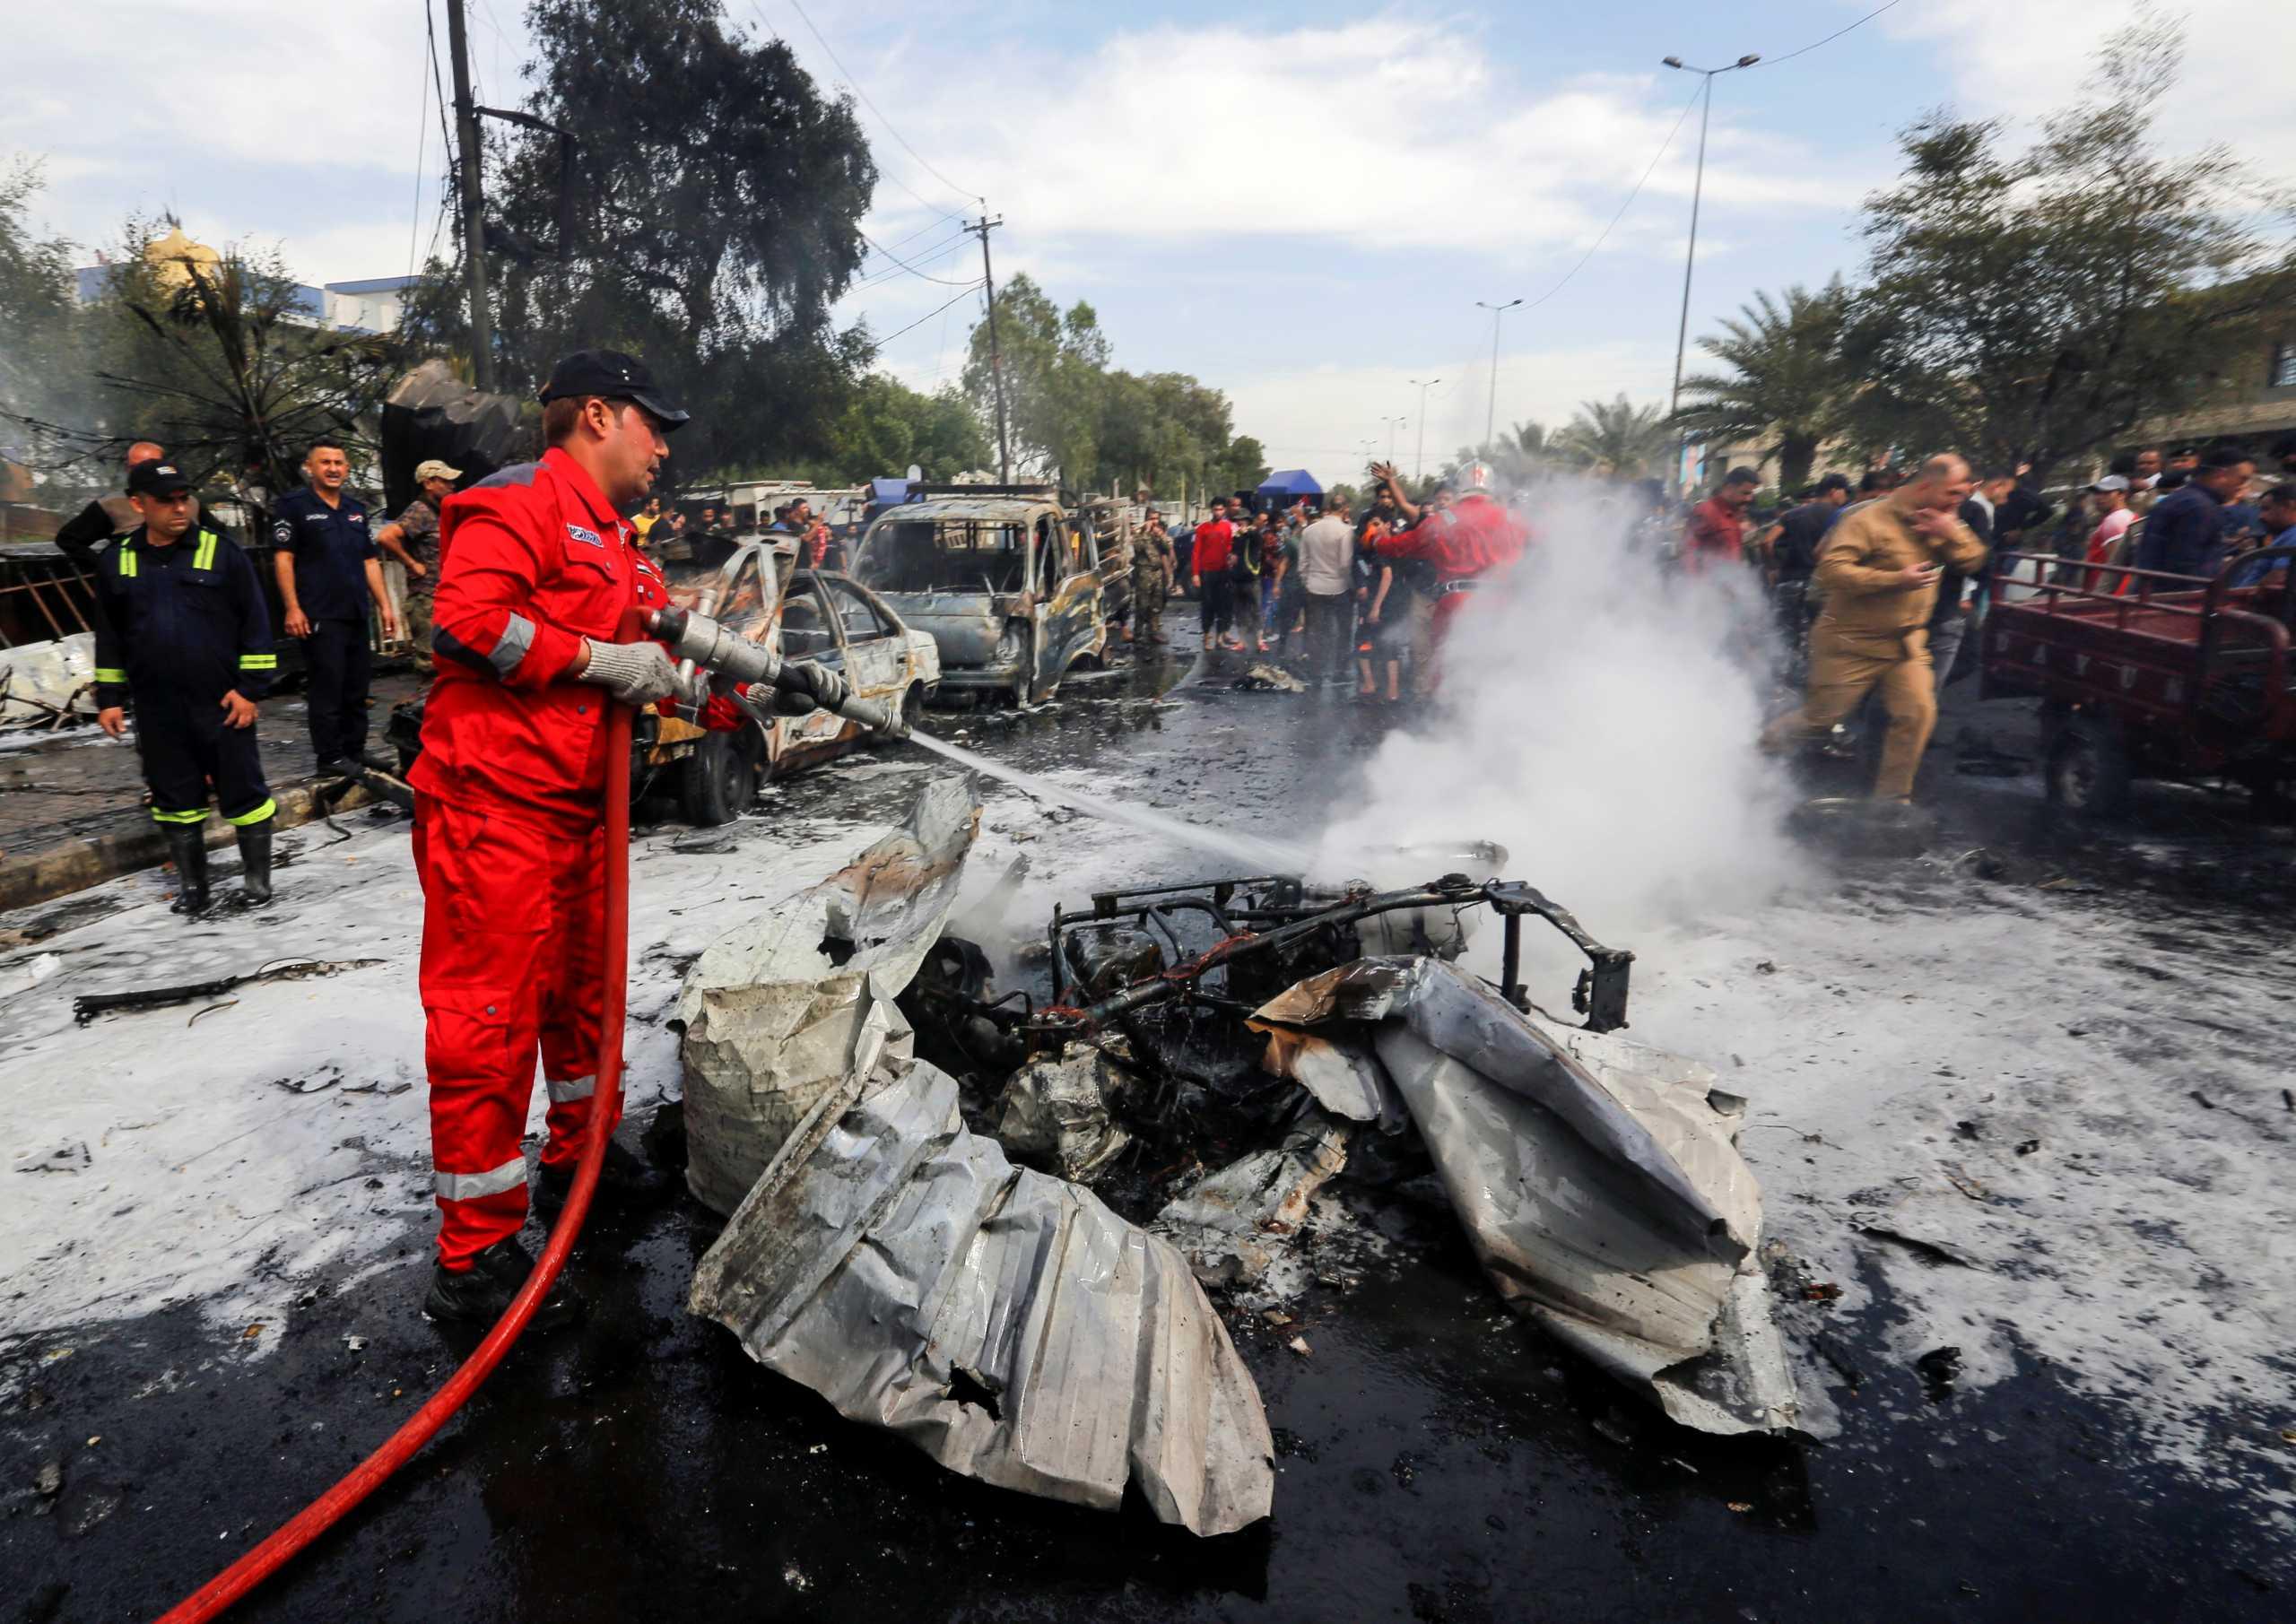 Δύο ρουκέτες έπεσαν στο Διεθνές Αεροδρόμιο της Βαγδάτης